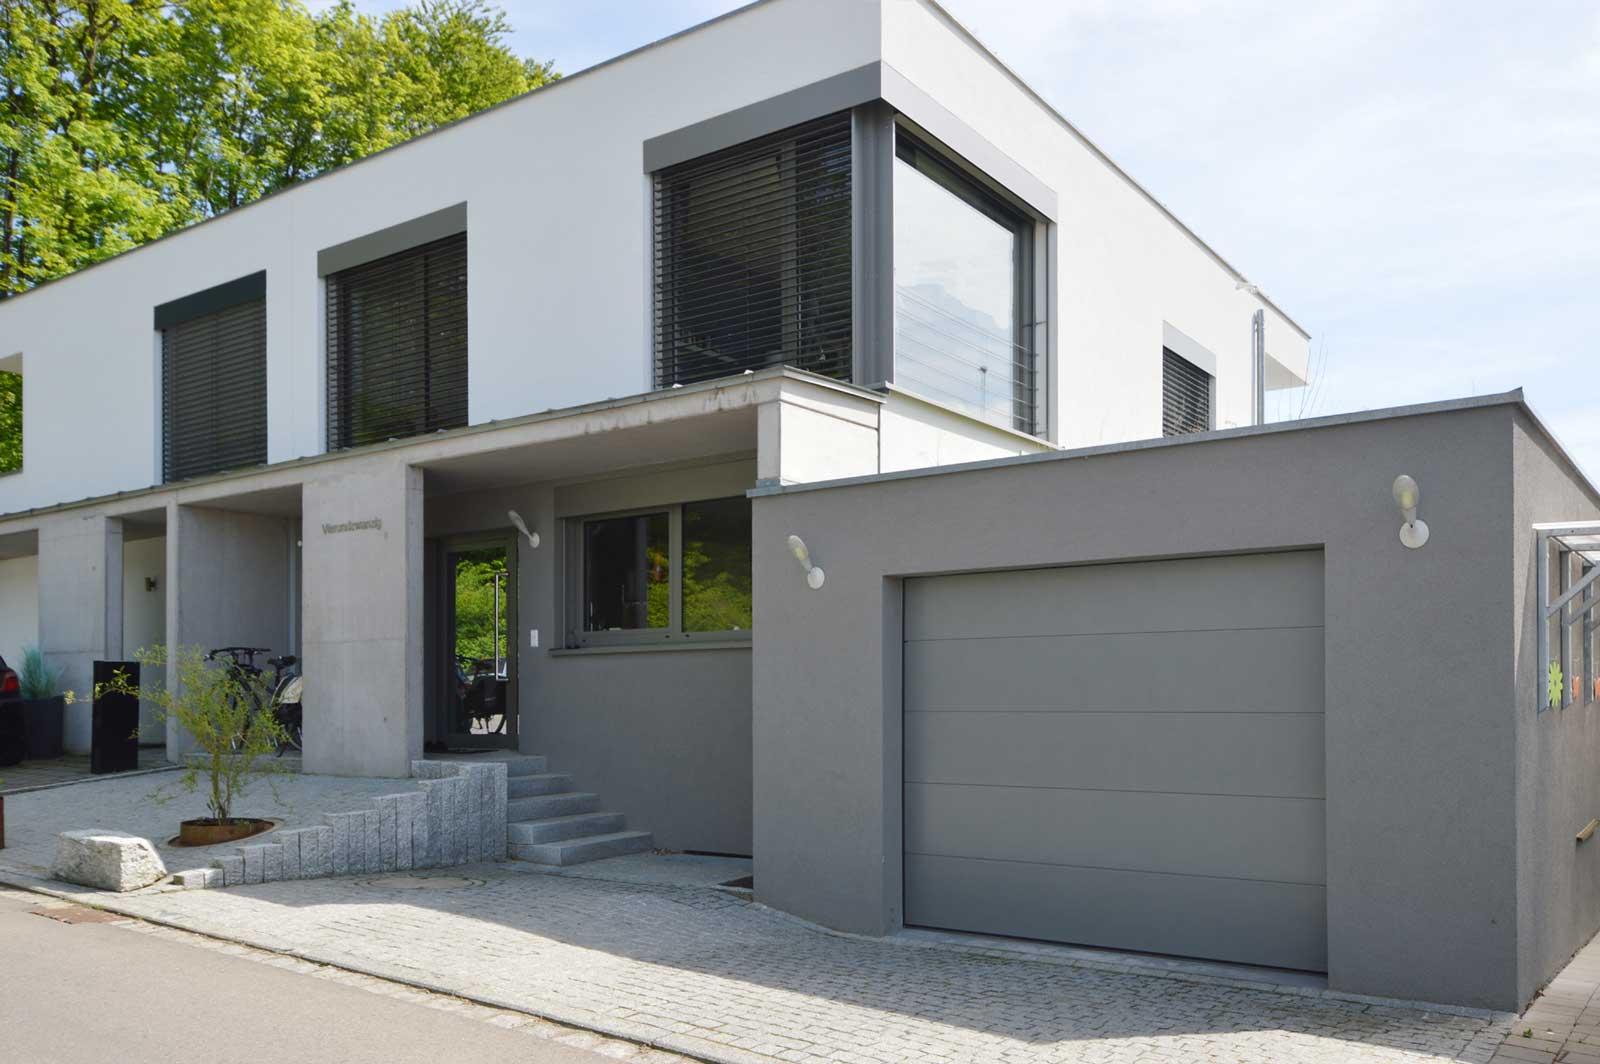 neubau doppelhaus in l rrach stetten architekturb ro herzog. Black Bedroom Furniture Sets. Home Design Ideas